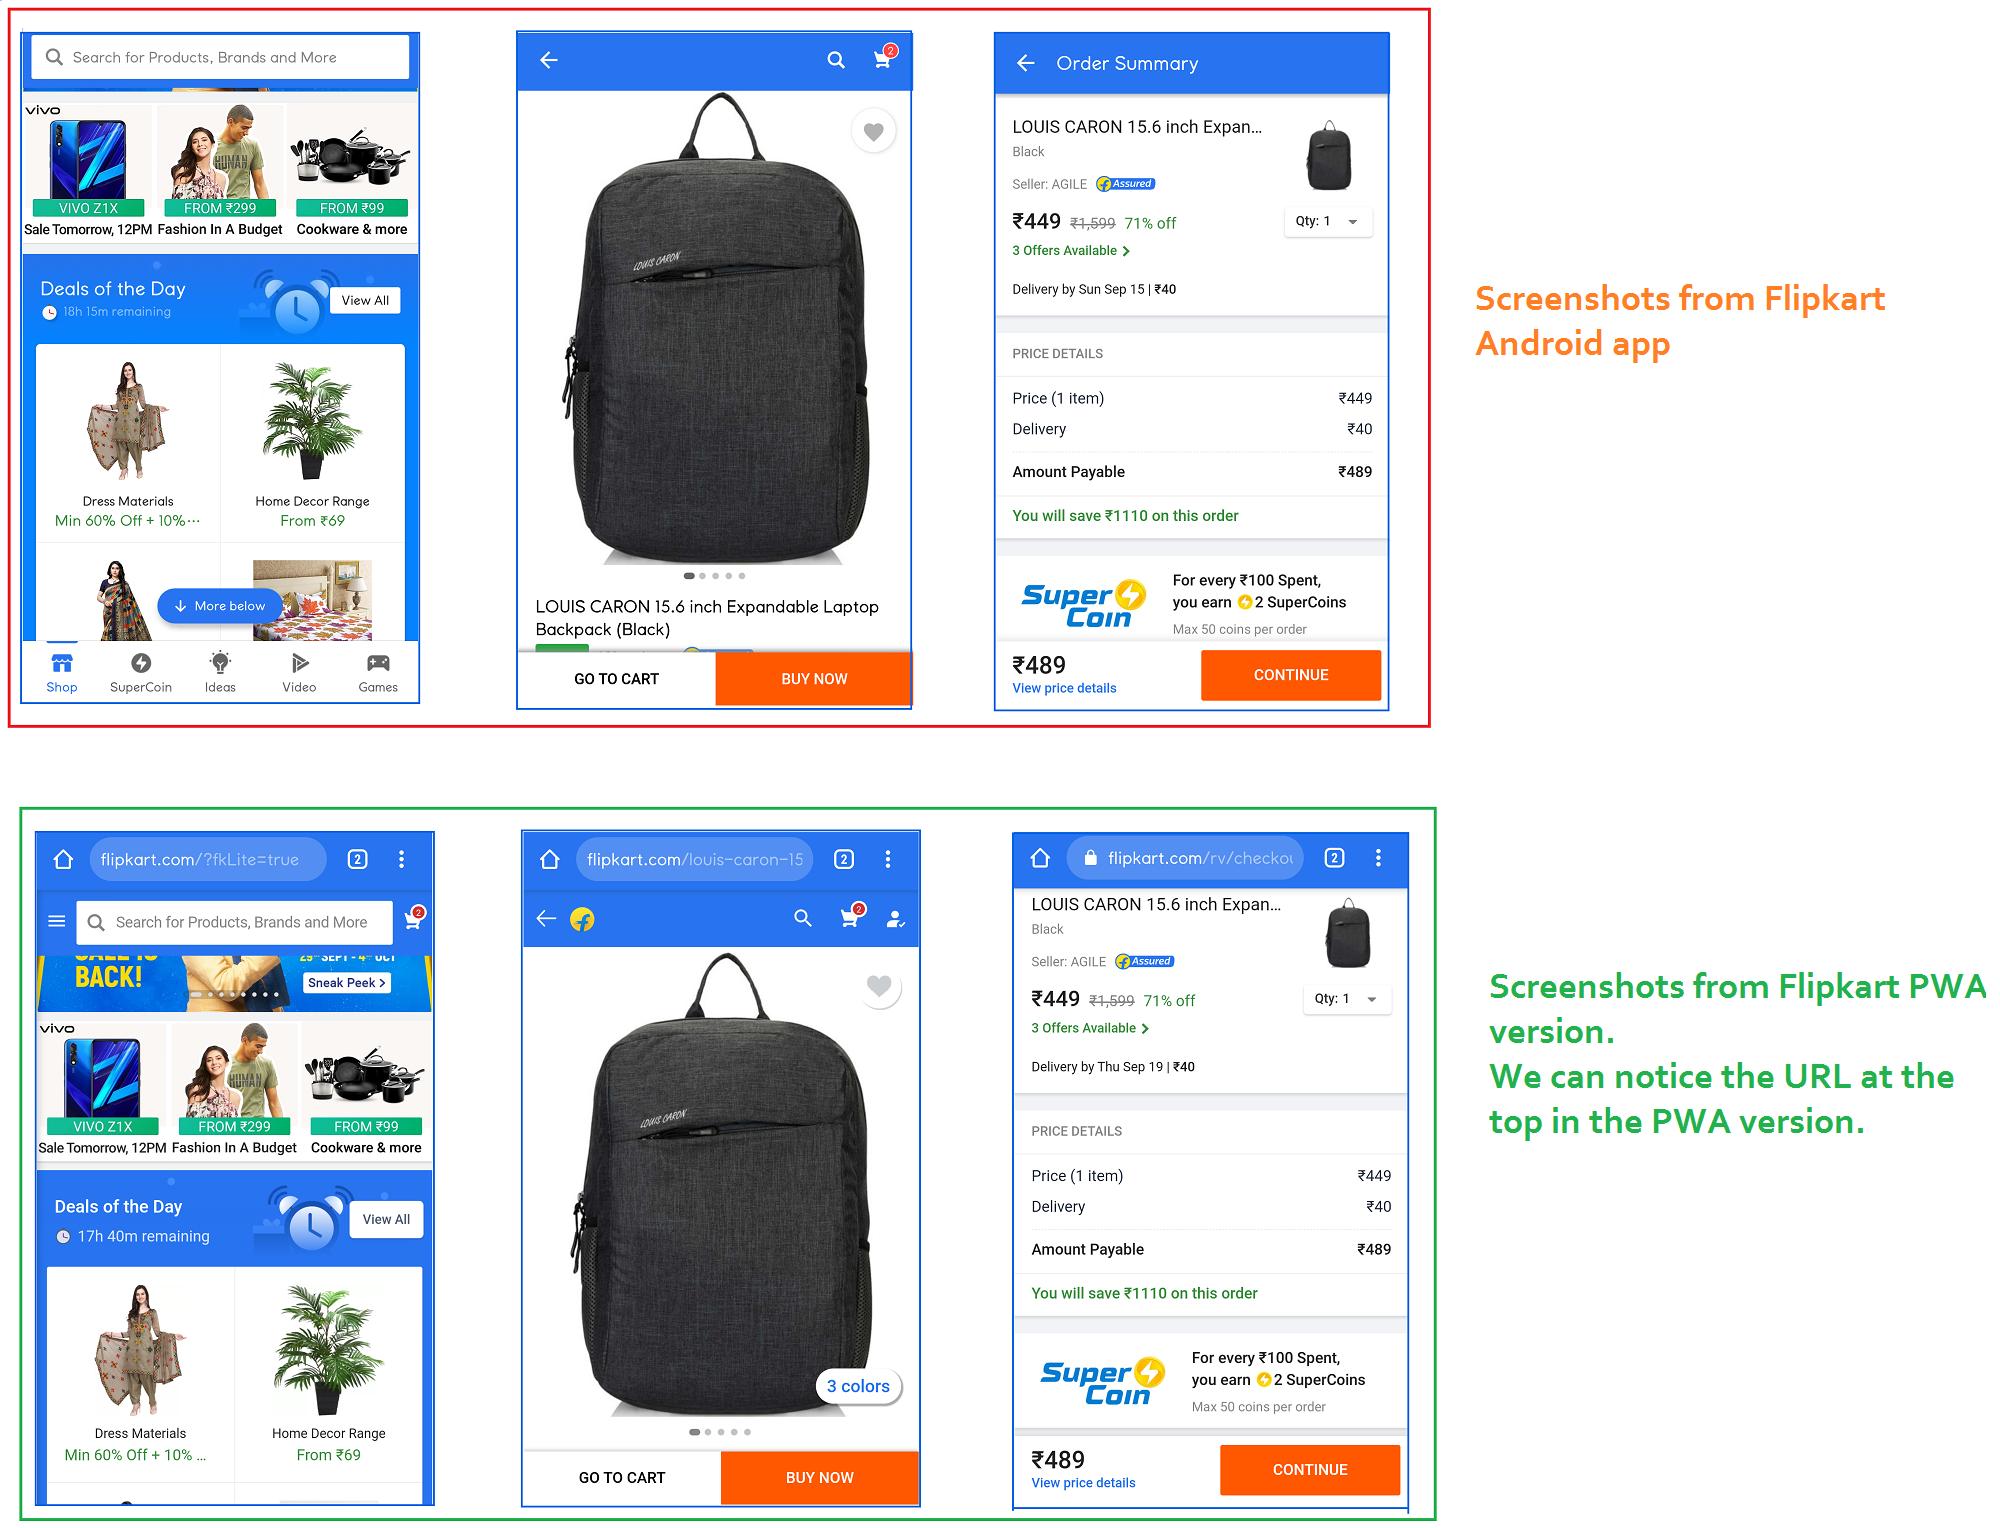 Flipkart Android App vs PWA